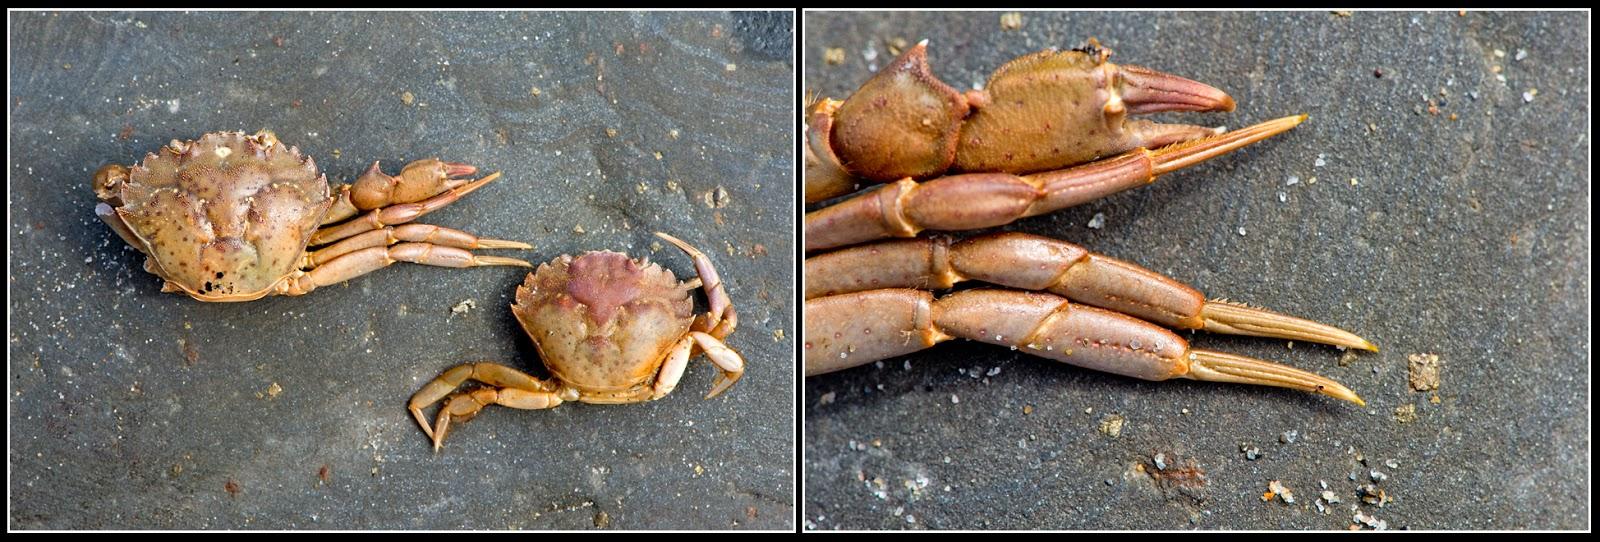 Nova Scotia; Hirtle's Beach; Beach; Crab